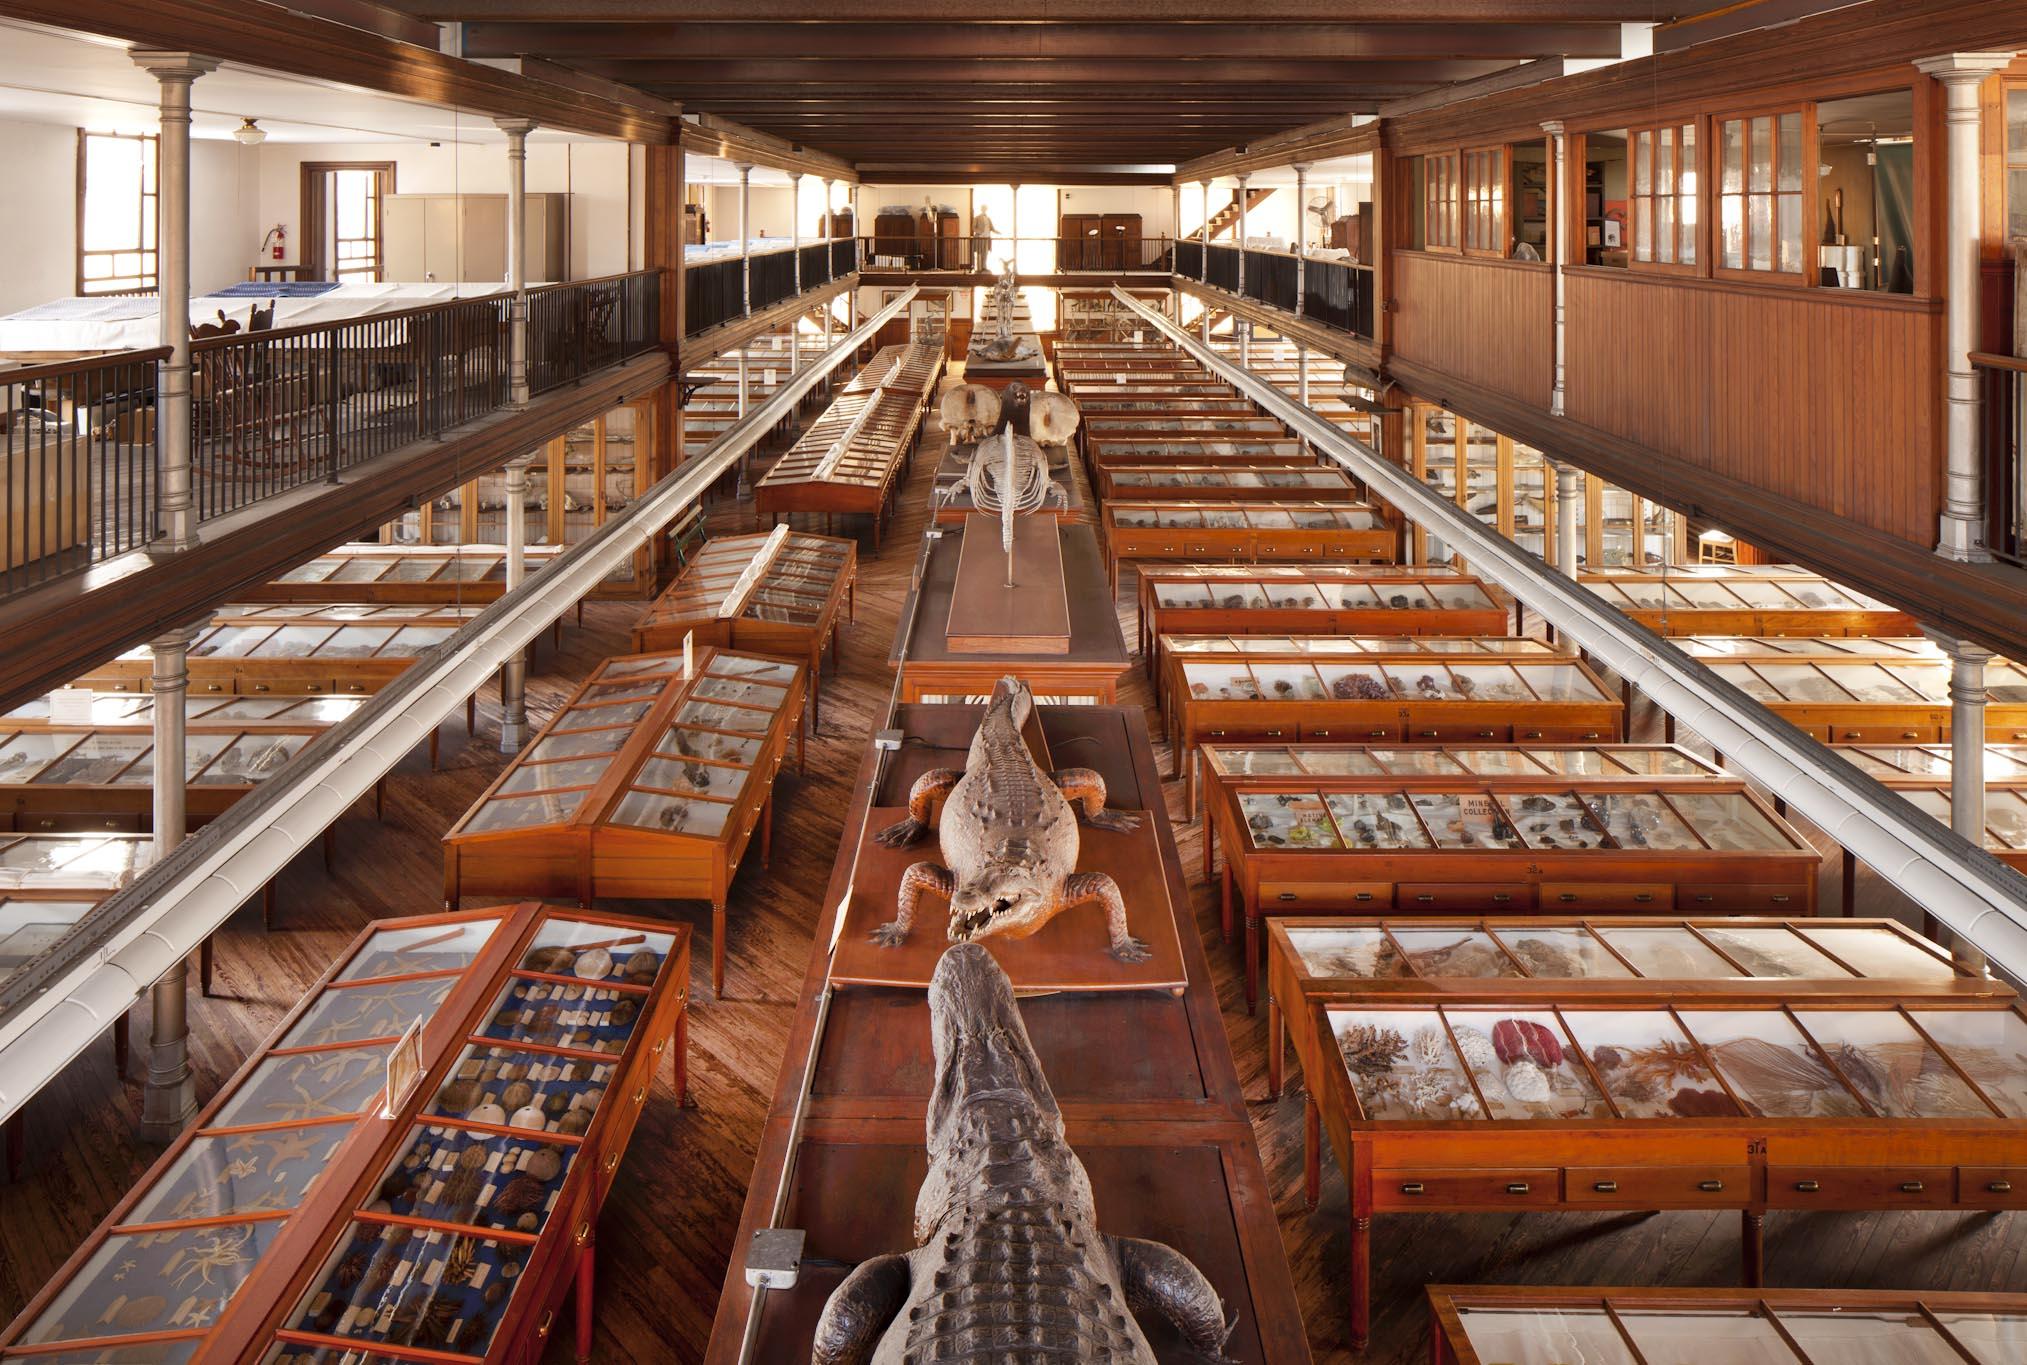 Wagner Free Institute of Science.jpg